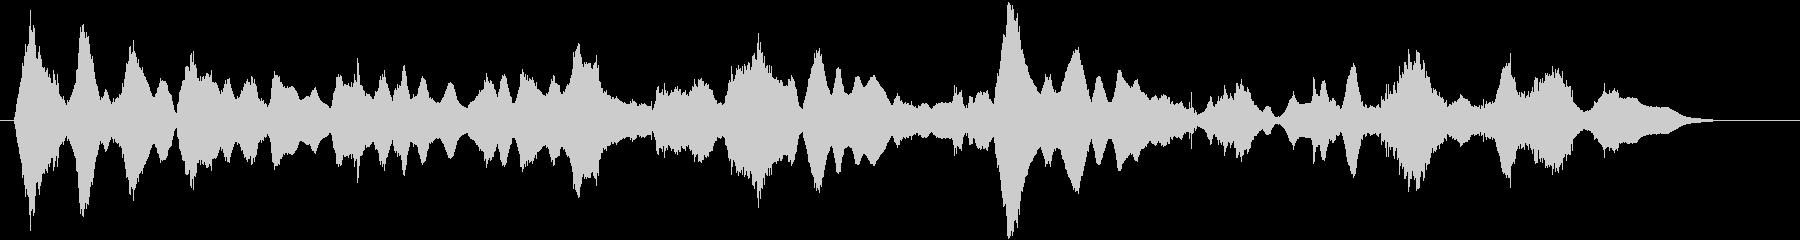 シリアス音5の未再生の波形